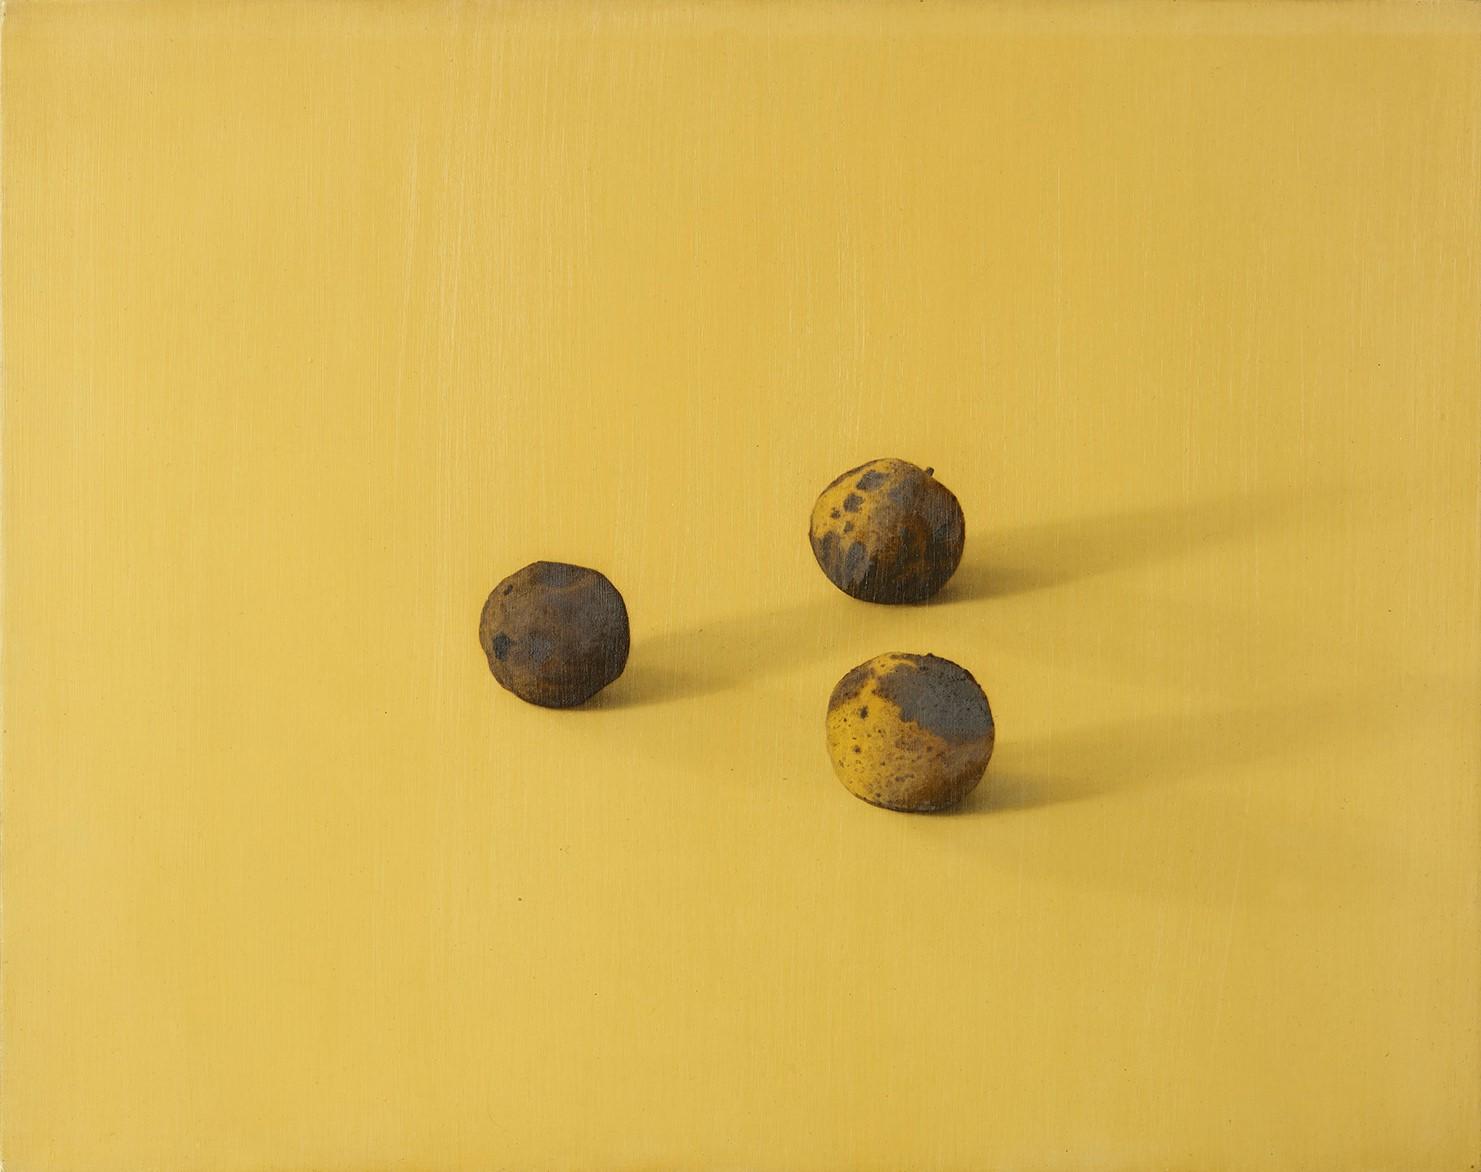 Black Walnuts, 2012, 14x18, o/l